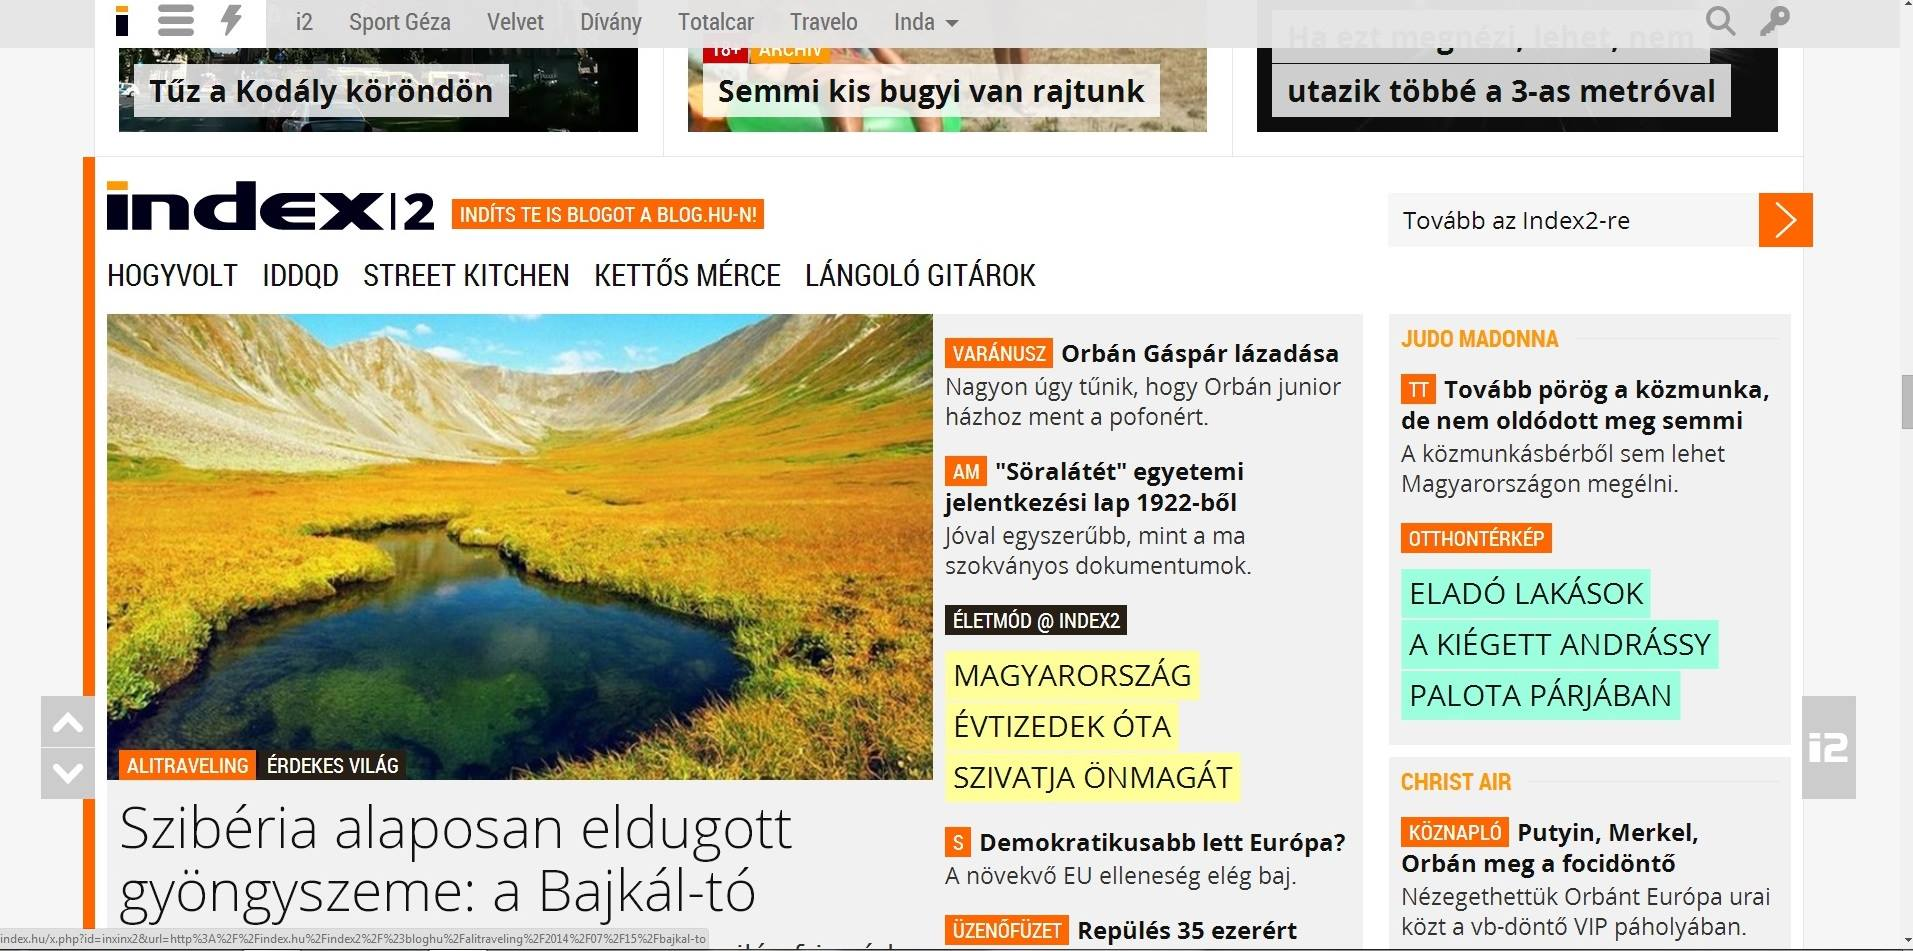 05-index-bajkal-to1.jpg